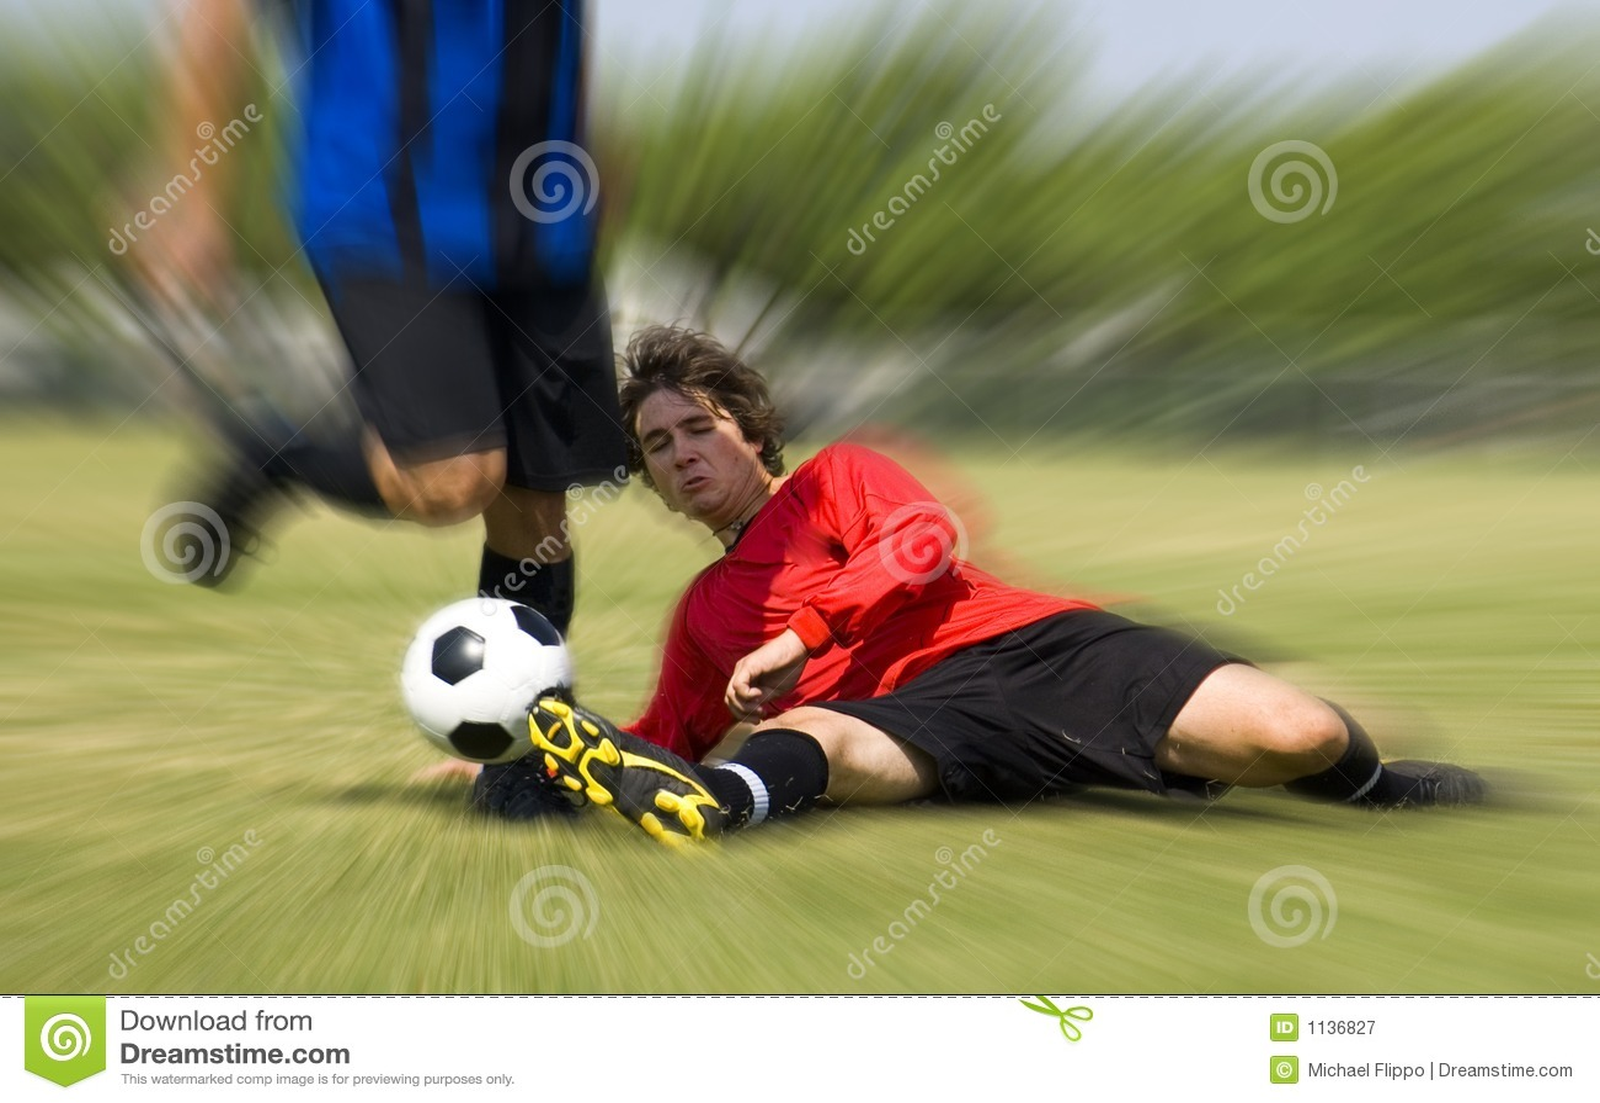 橄榄球足球滑车